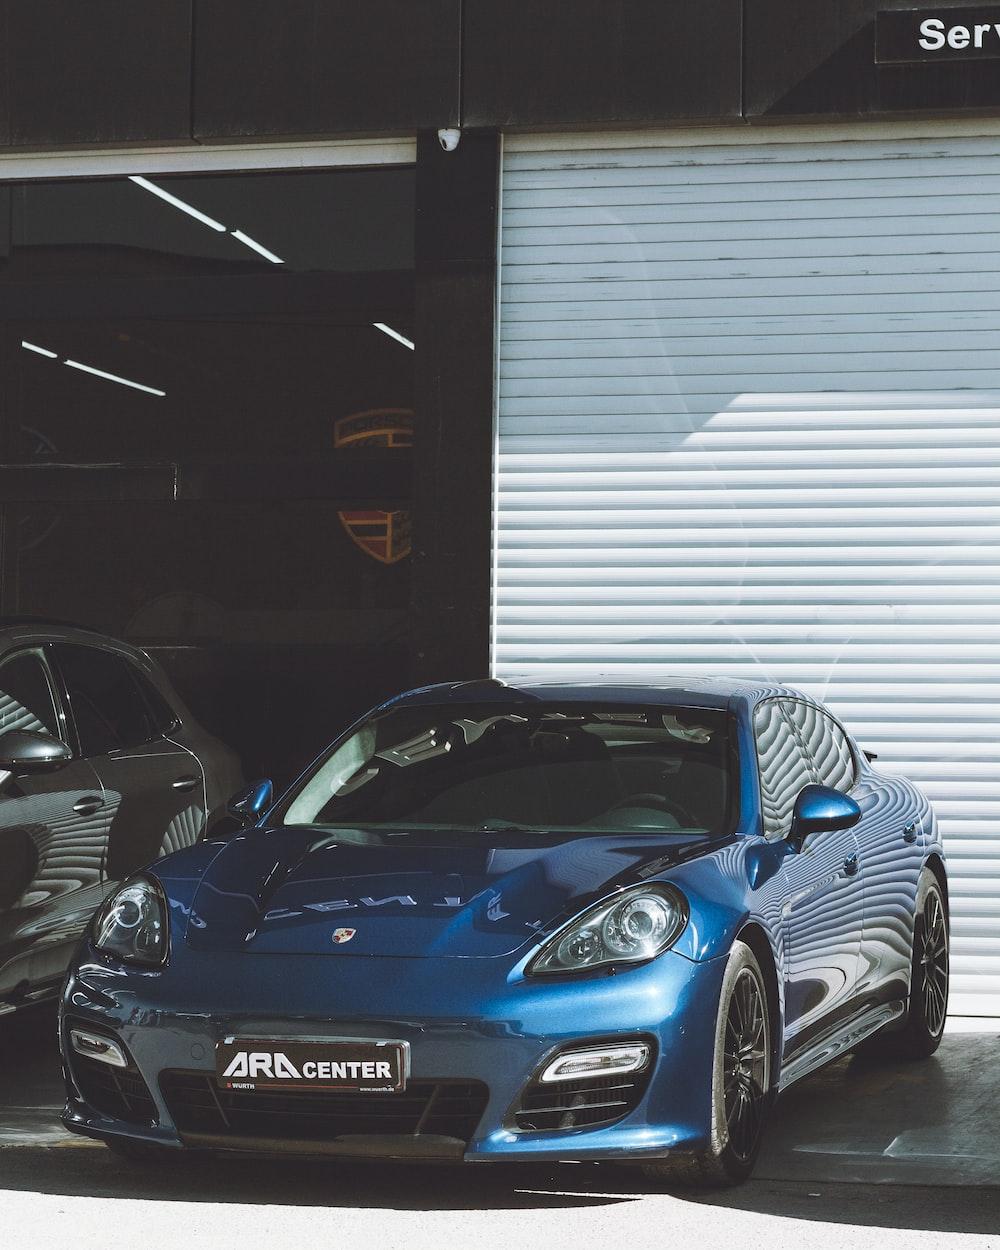 blue porsche 911 parked in garage